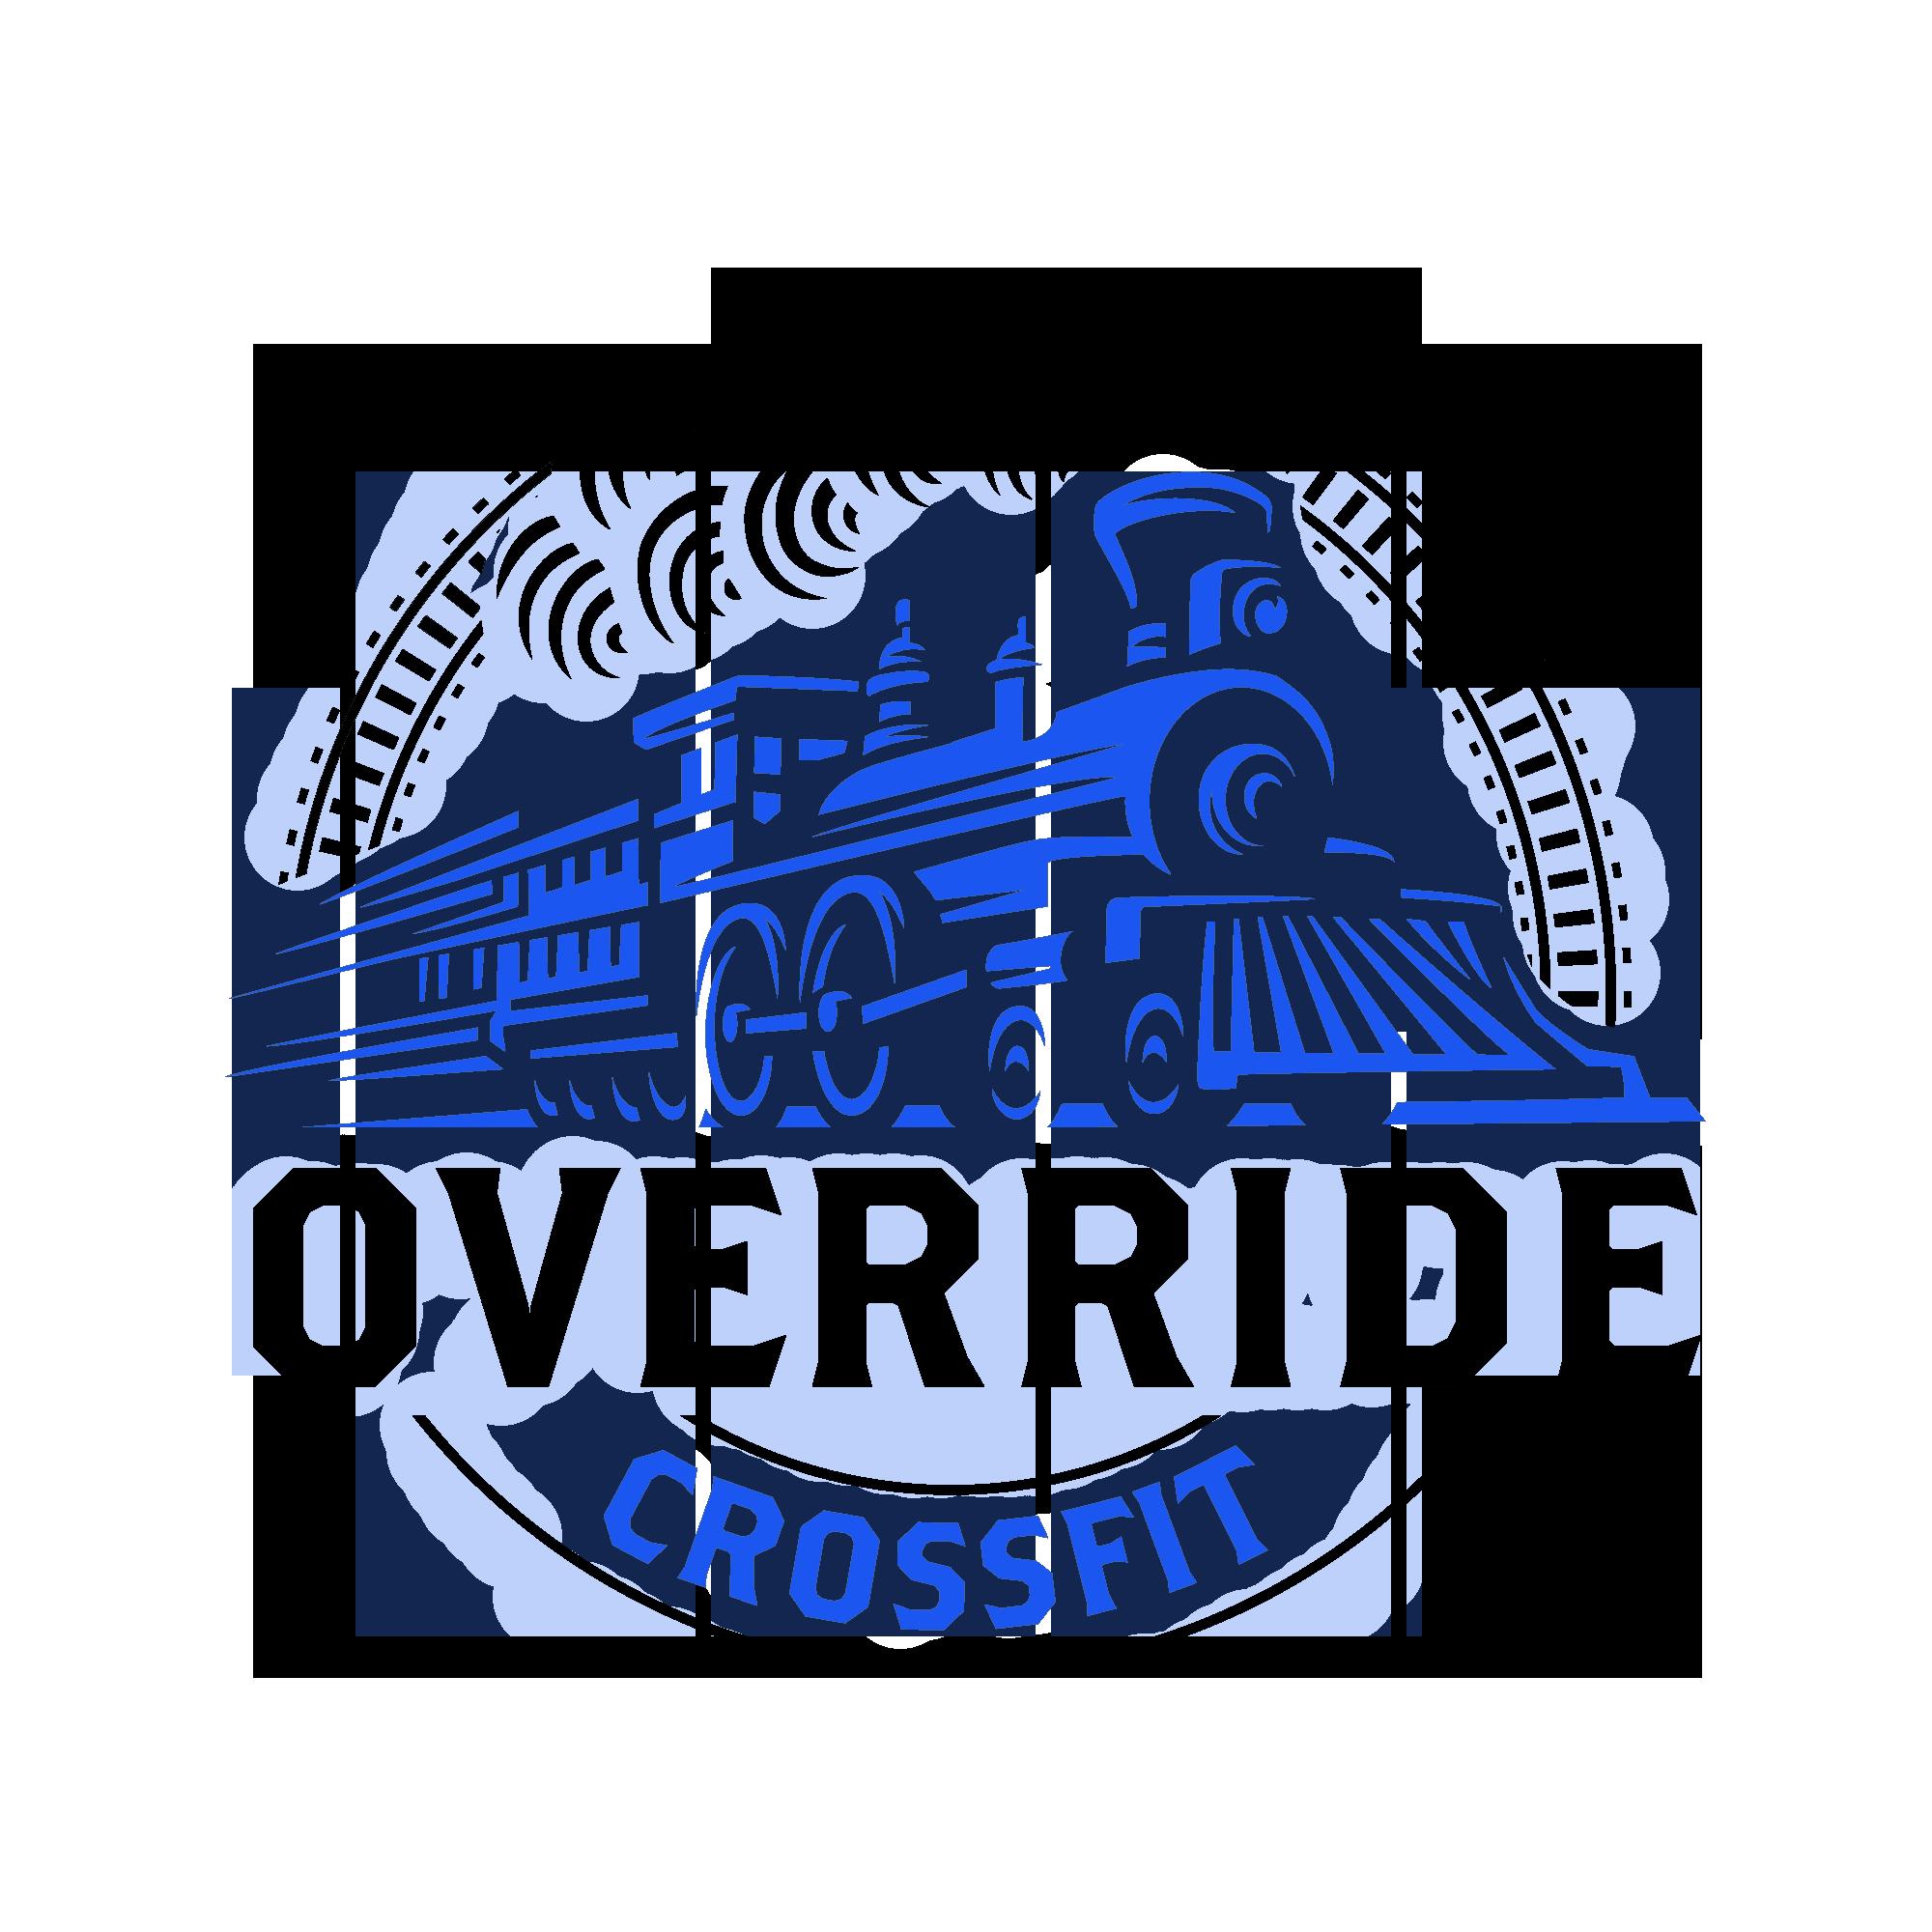 CrossFit Override